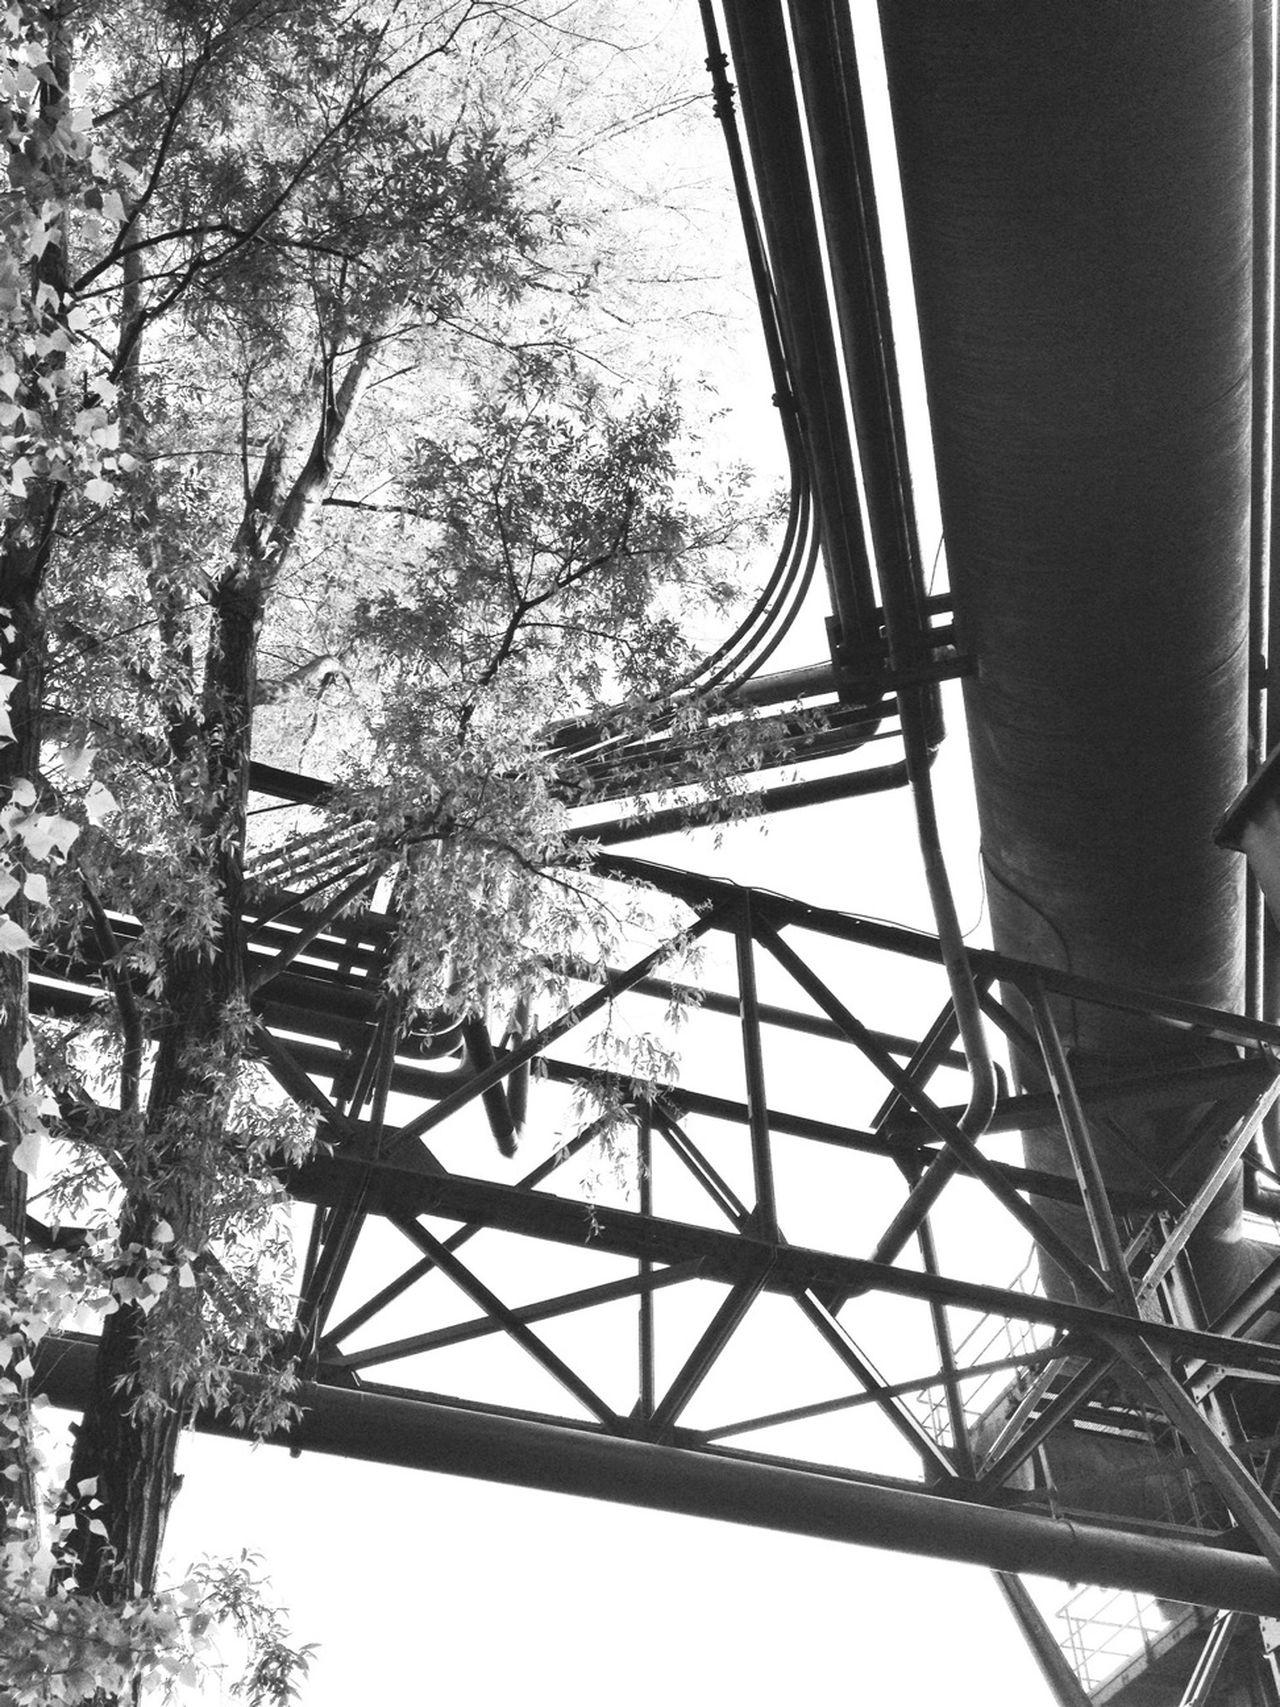 Blackandwhite Urban Nature Hans Guck In Die Luft Geknürzel